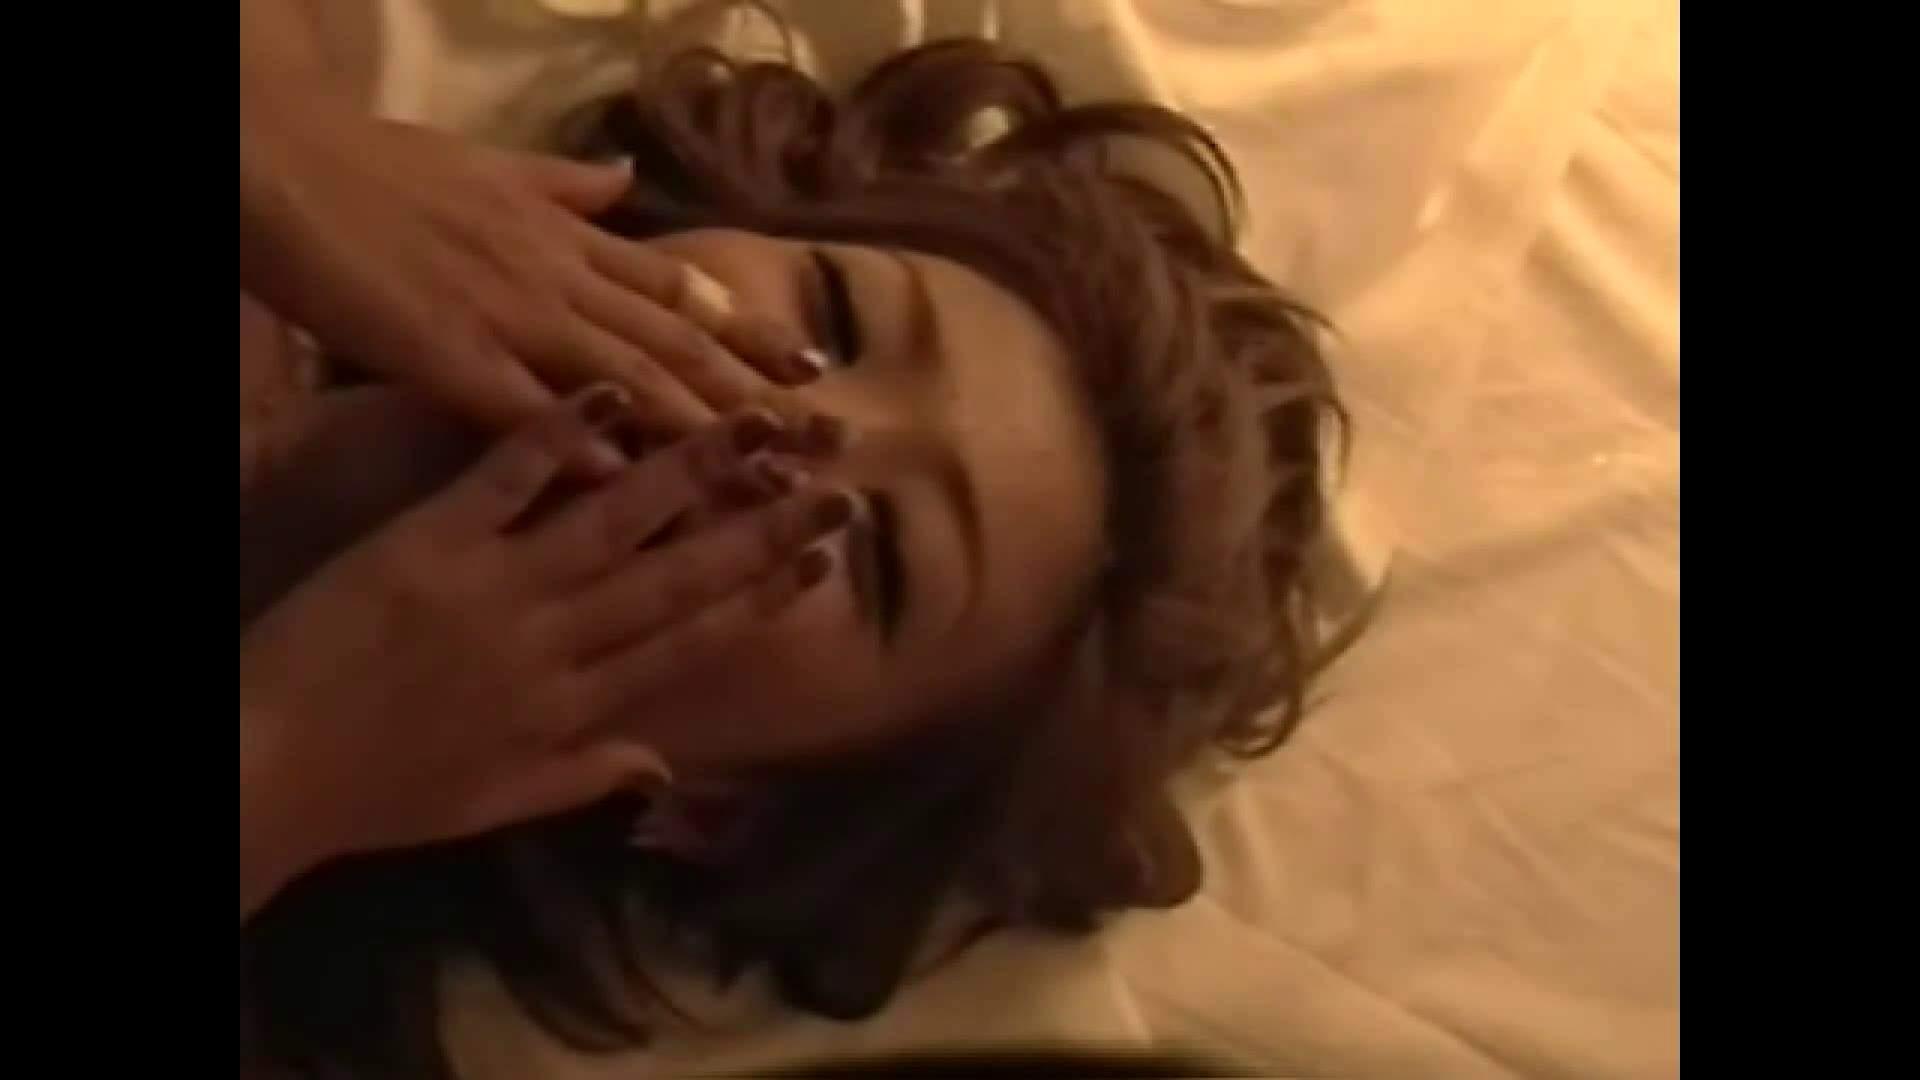 ノンケイケメンの欲望と肉棒 Vol.20 肉にく男子 男同士動画 111枚 26